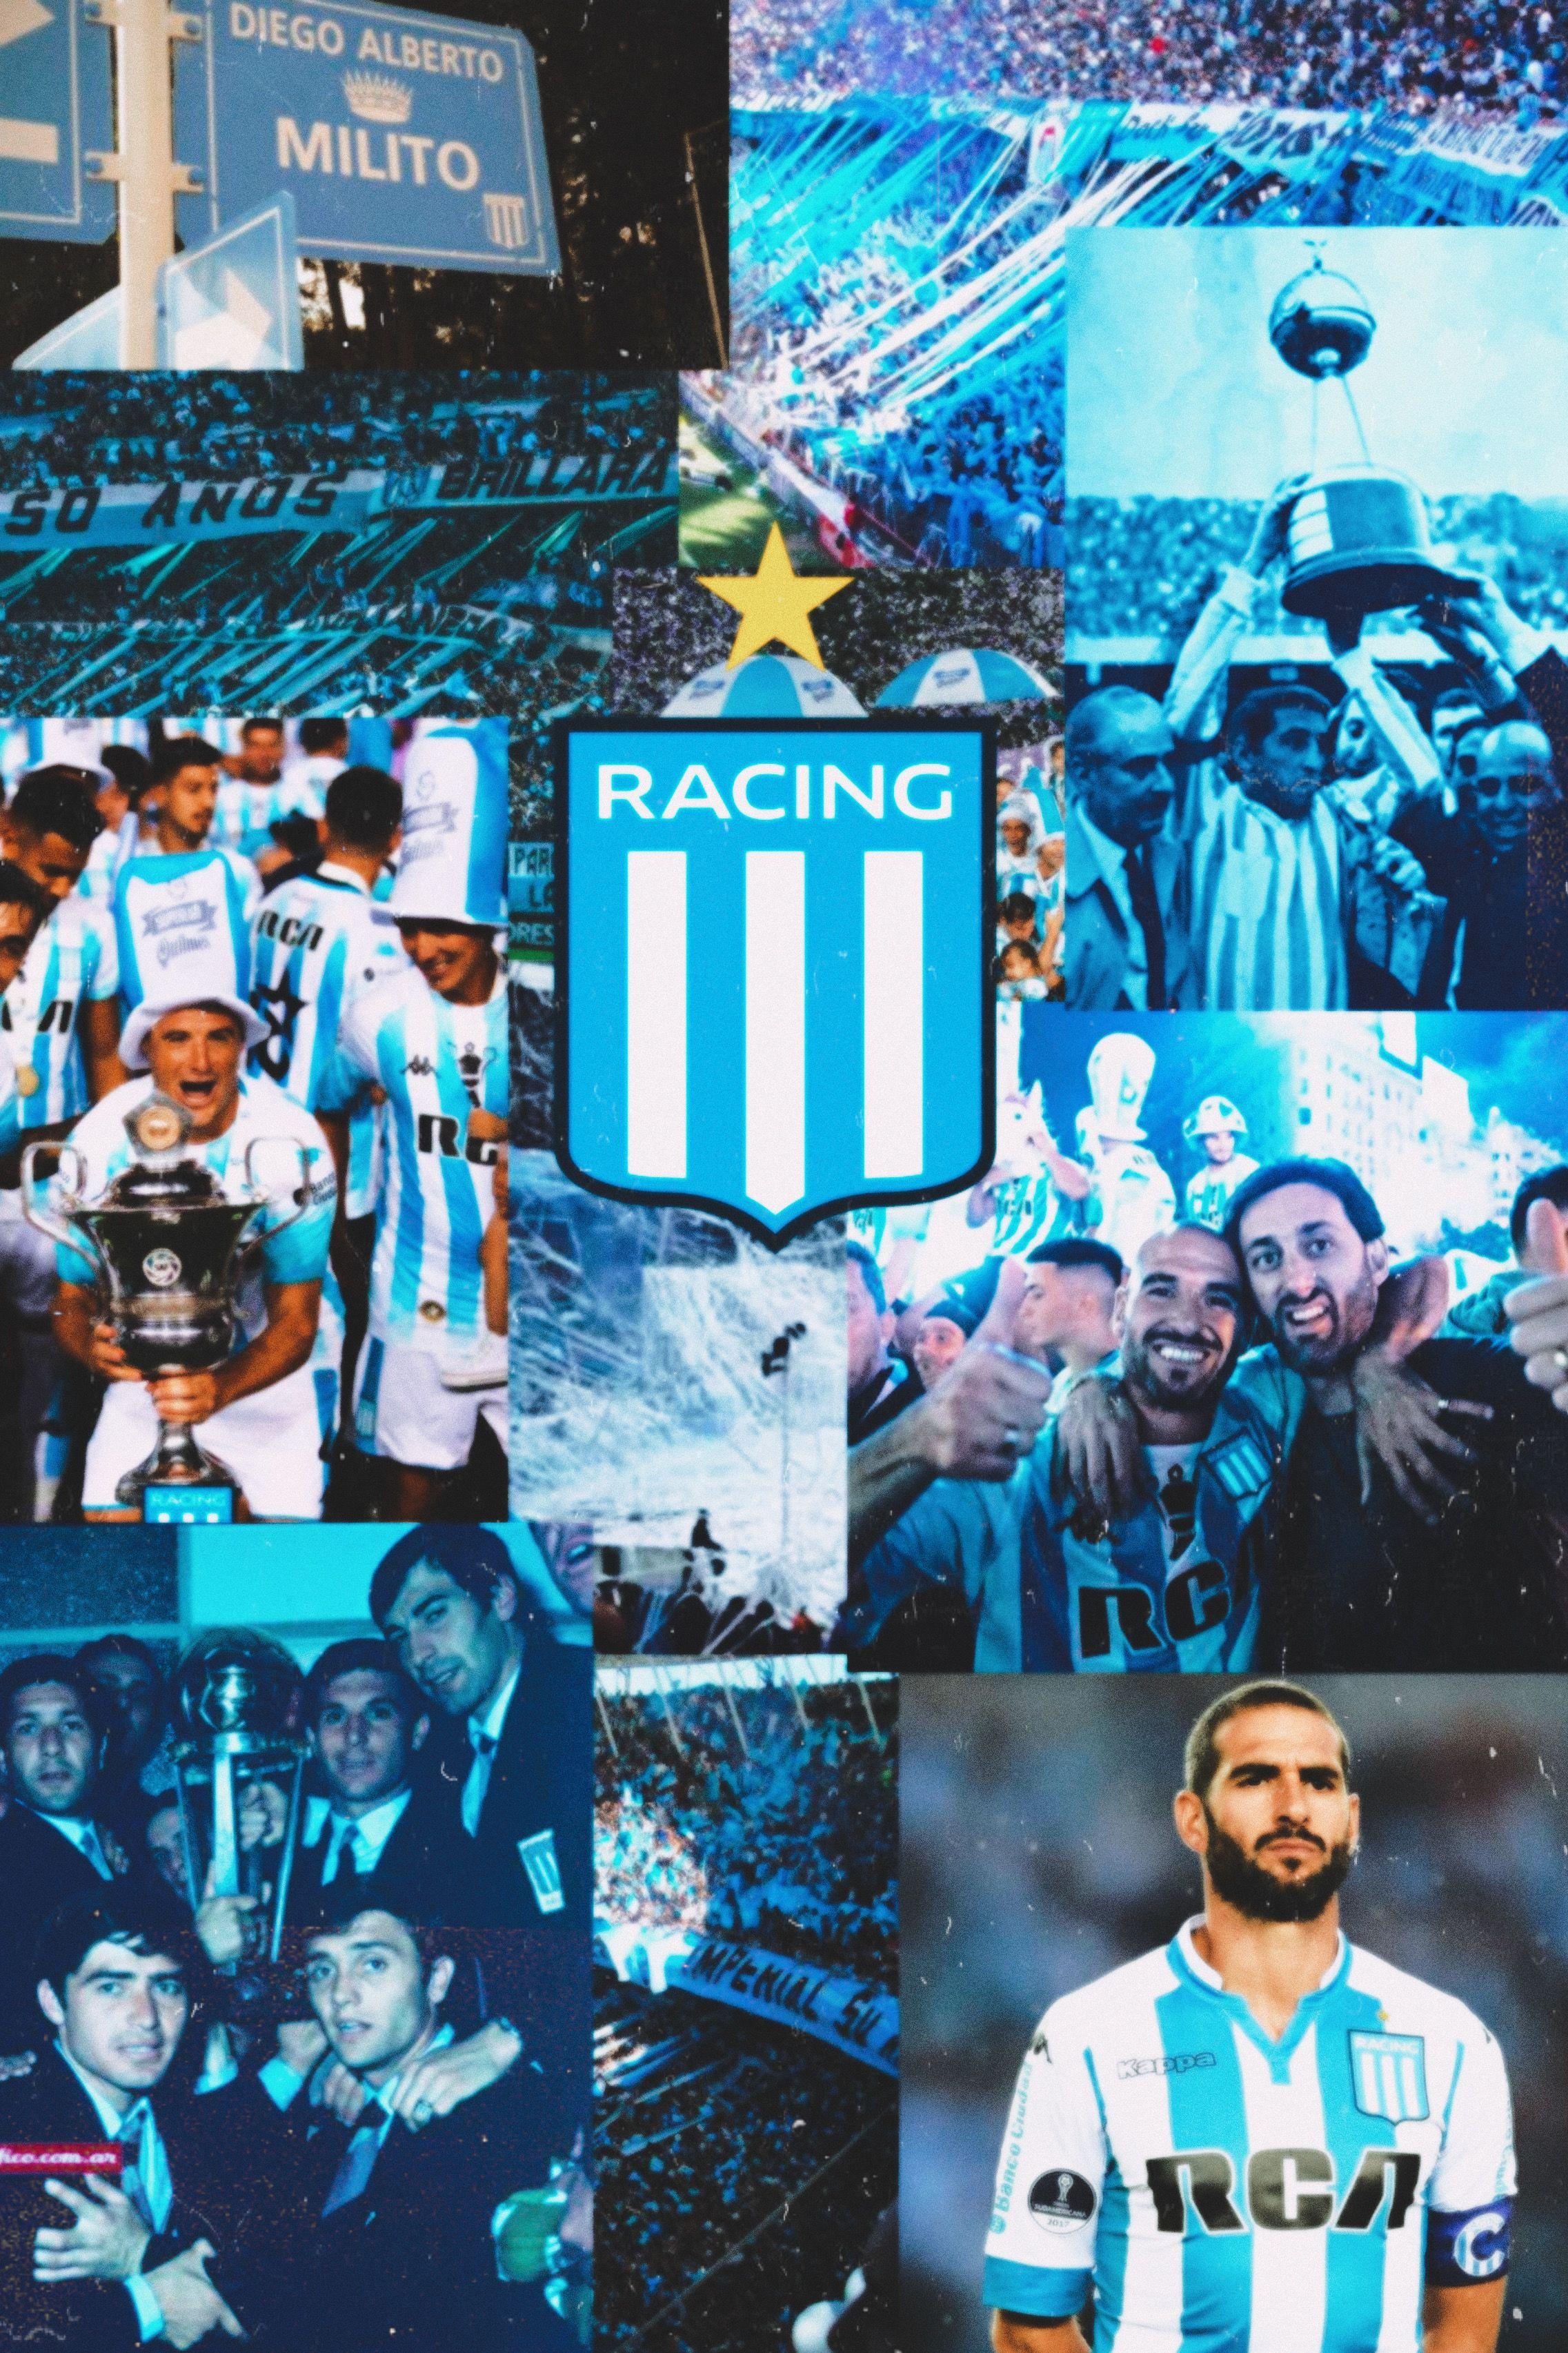 Racing Club Club Atlético Racing Club Fotografía De Fútbol Fondo De Pantalla Futbol